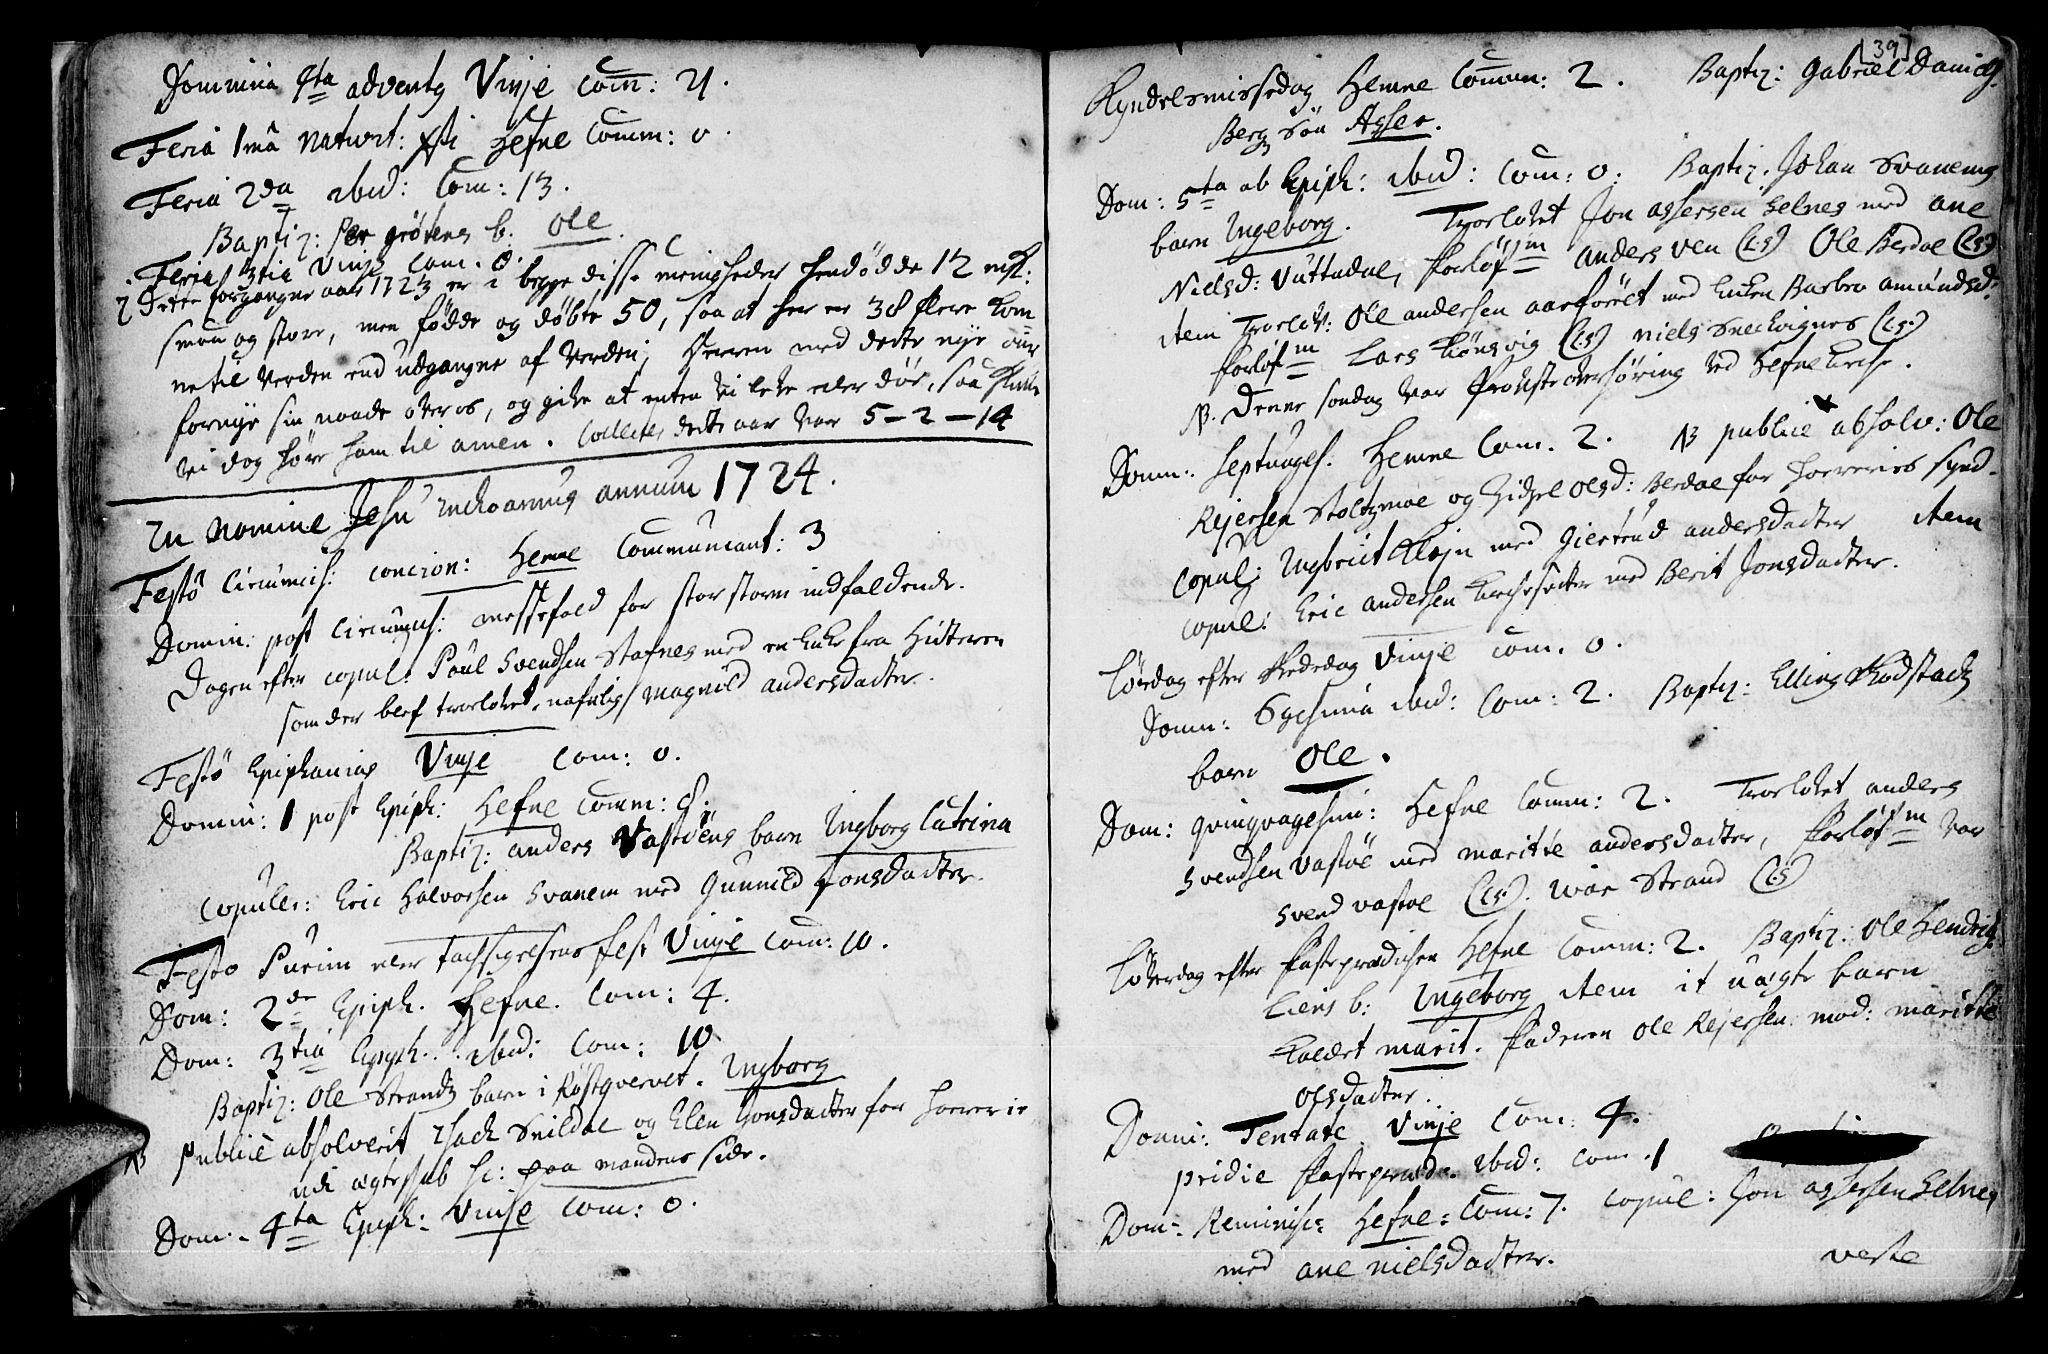 SAT, Ministerialprotokoller, klokkerbøker og fødselsregistre - Sør-Trøndelag, 630/L0488: Ministerialbok nr. 630A01, 1717-1756, s. 38-39